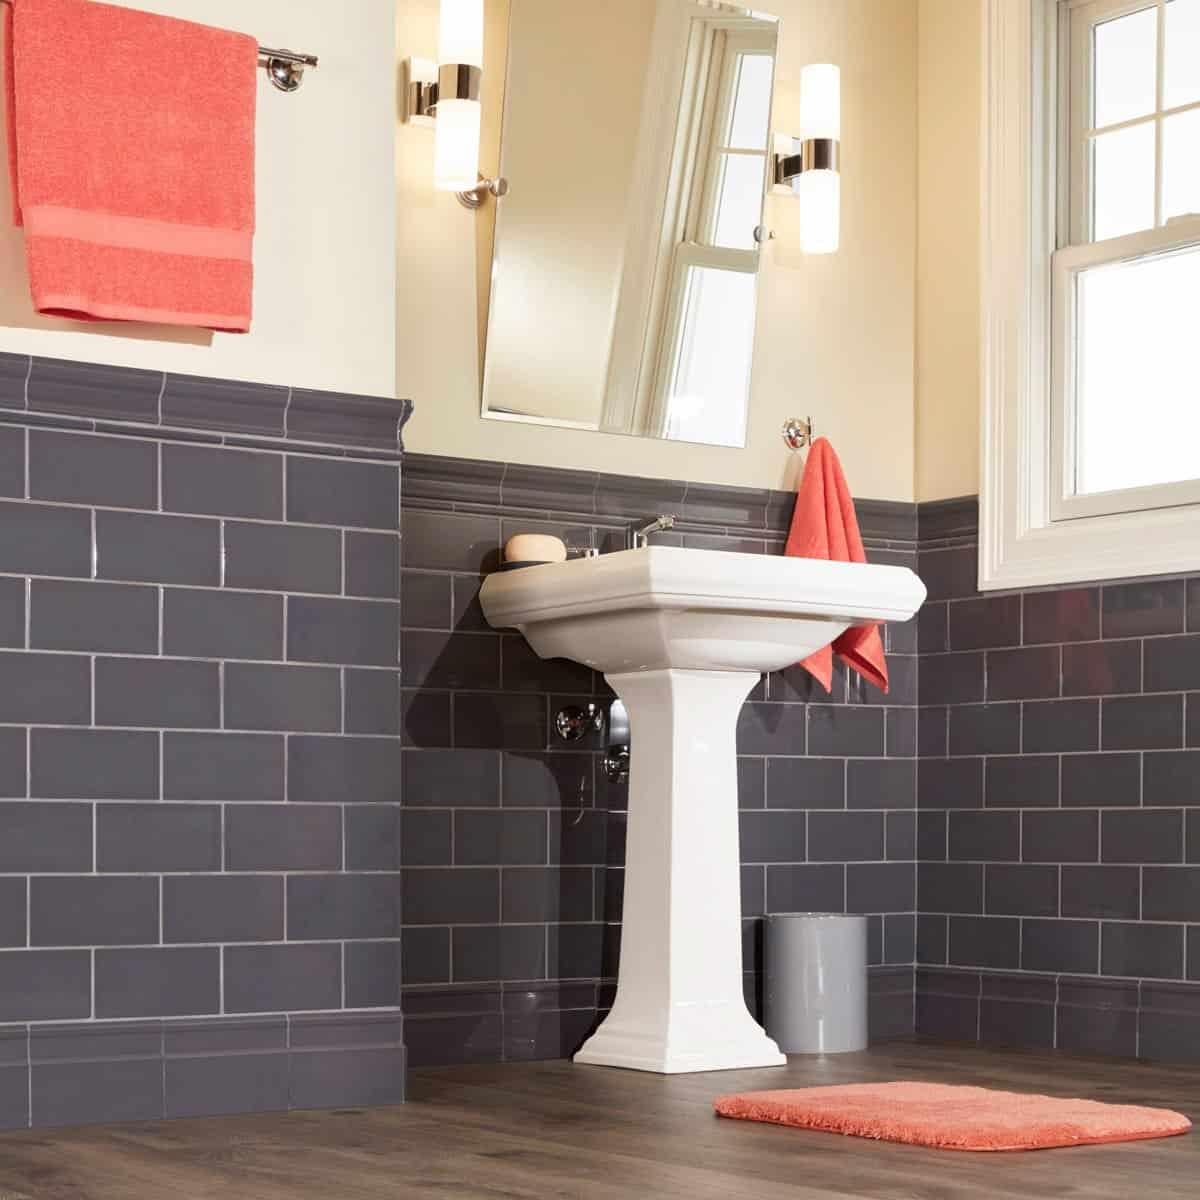 Conseils pour les grands carreaux de métro dans les salles de bains